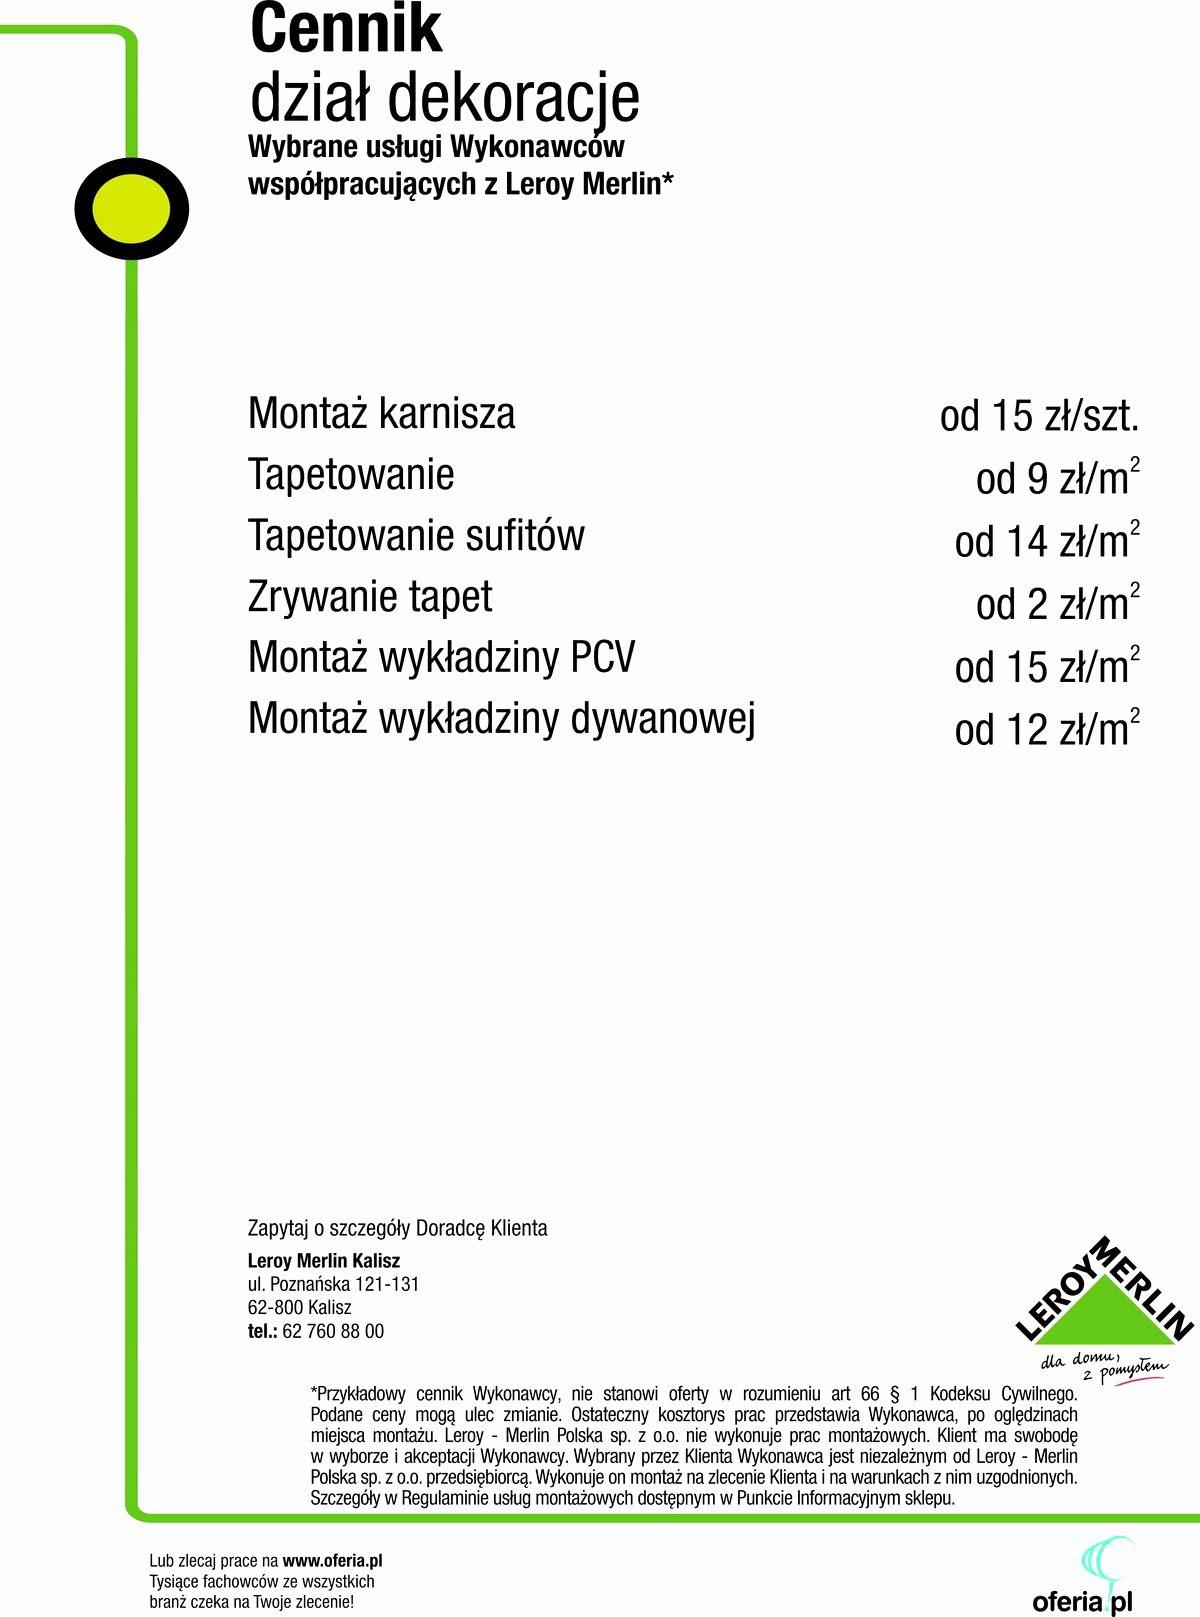 Punaise De Lit Traitement Pharmacie Magnifique Punaise De Lit Traitement Pharmacie Ment Traiter Des Piqures De